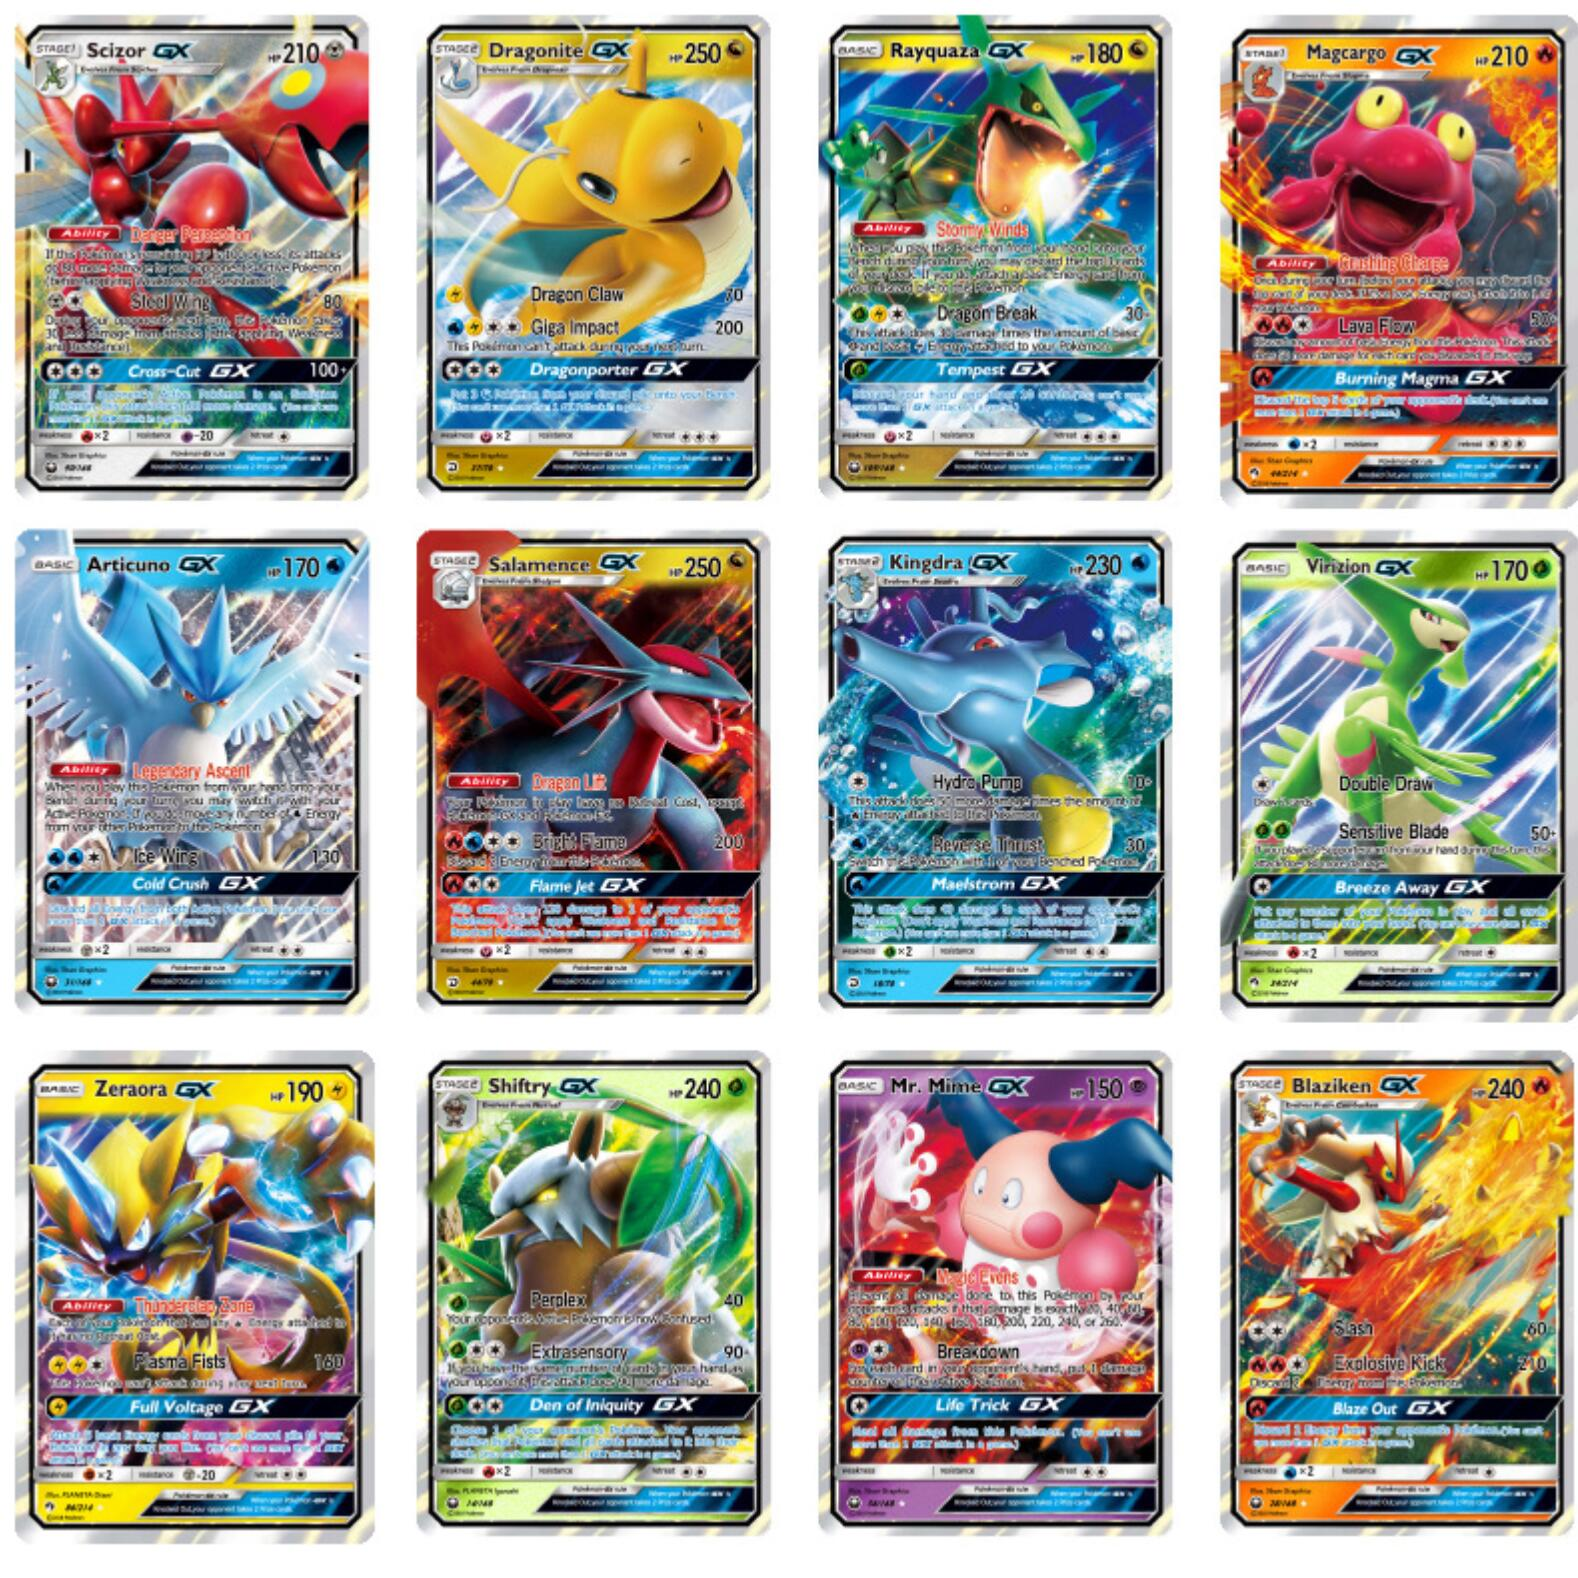 200 Pcs 25 50pcs GX MEGA Shining TAKARA TOMY Cards Game Battle Carte 100pcs Trading Cards Game Children Toy